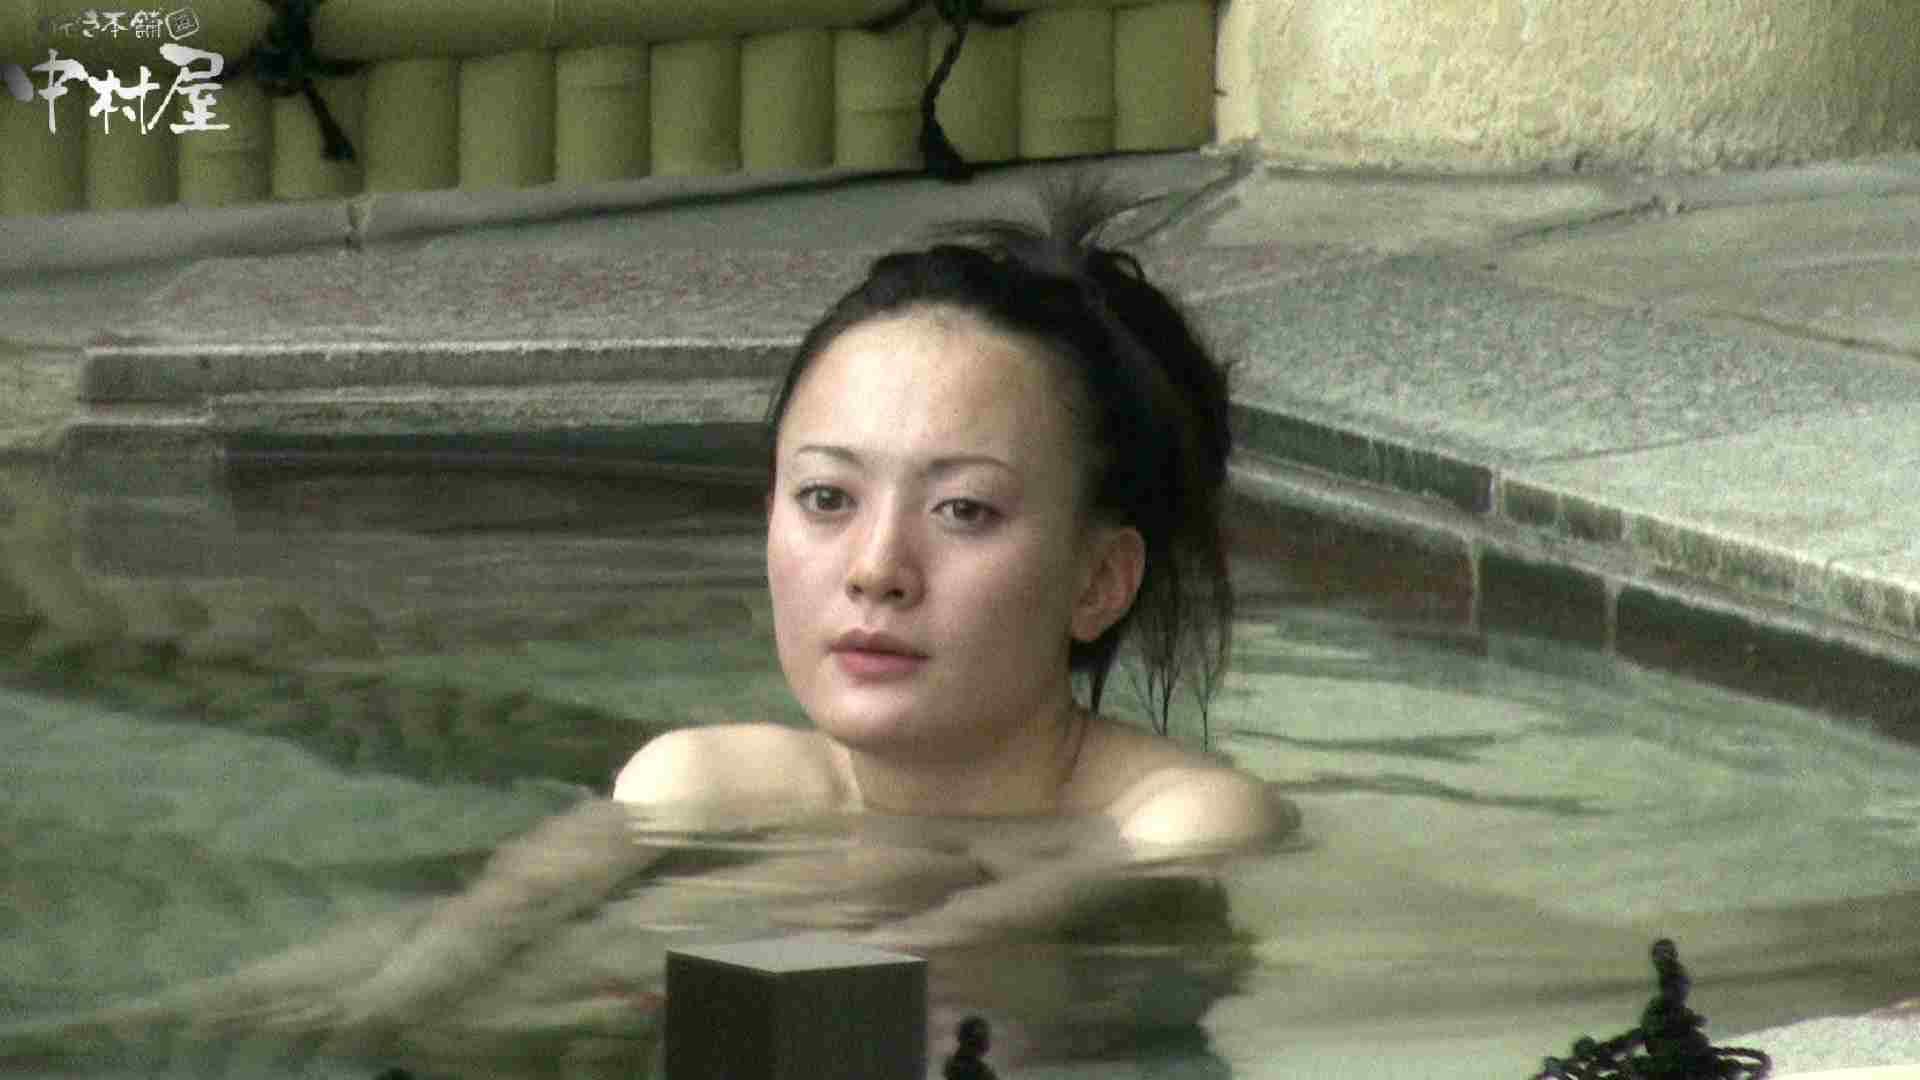 Aquaな露天風呂Vol.900 美しいOLの裸体  86pic 51